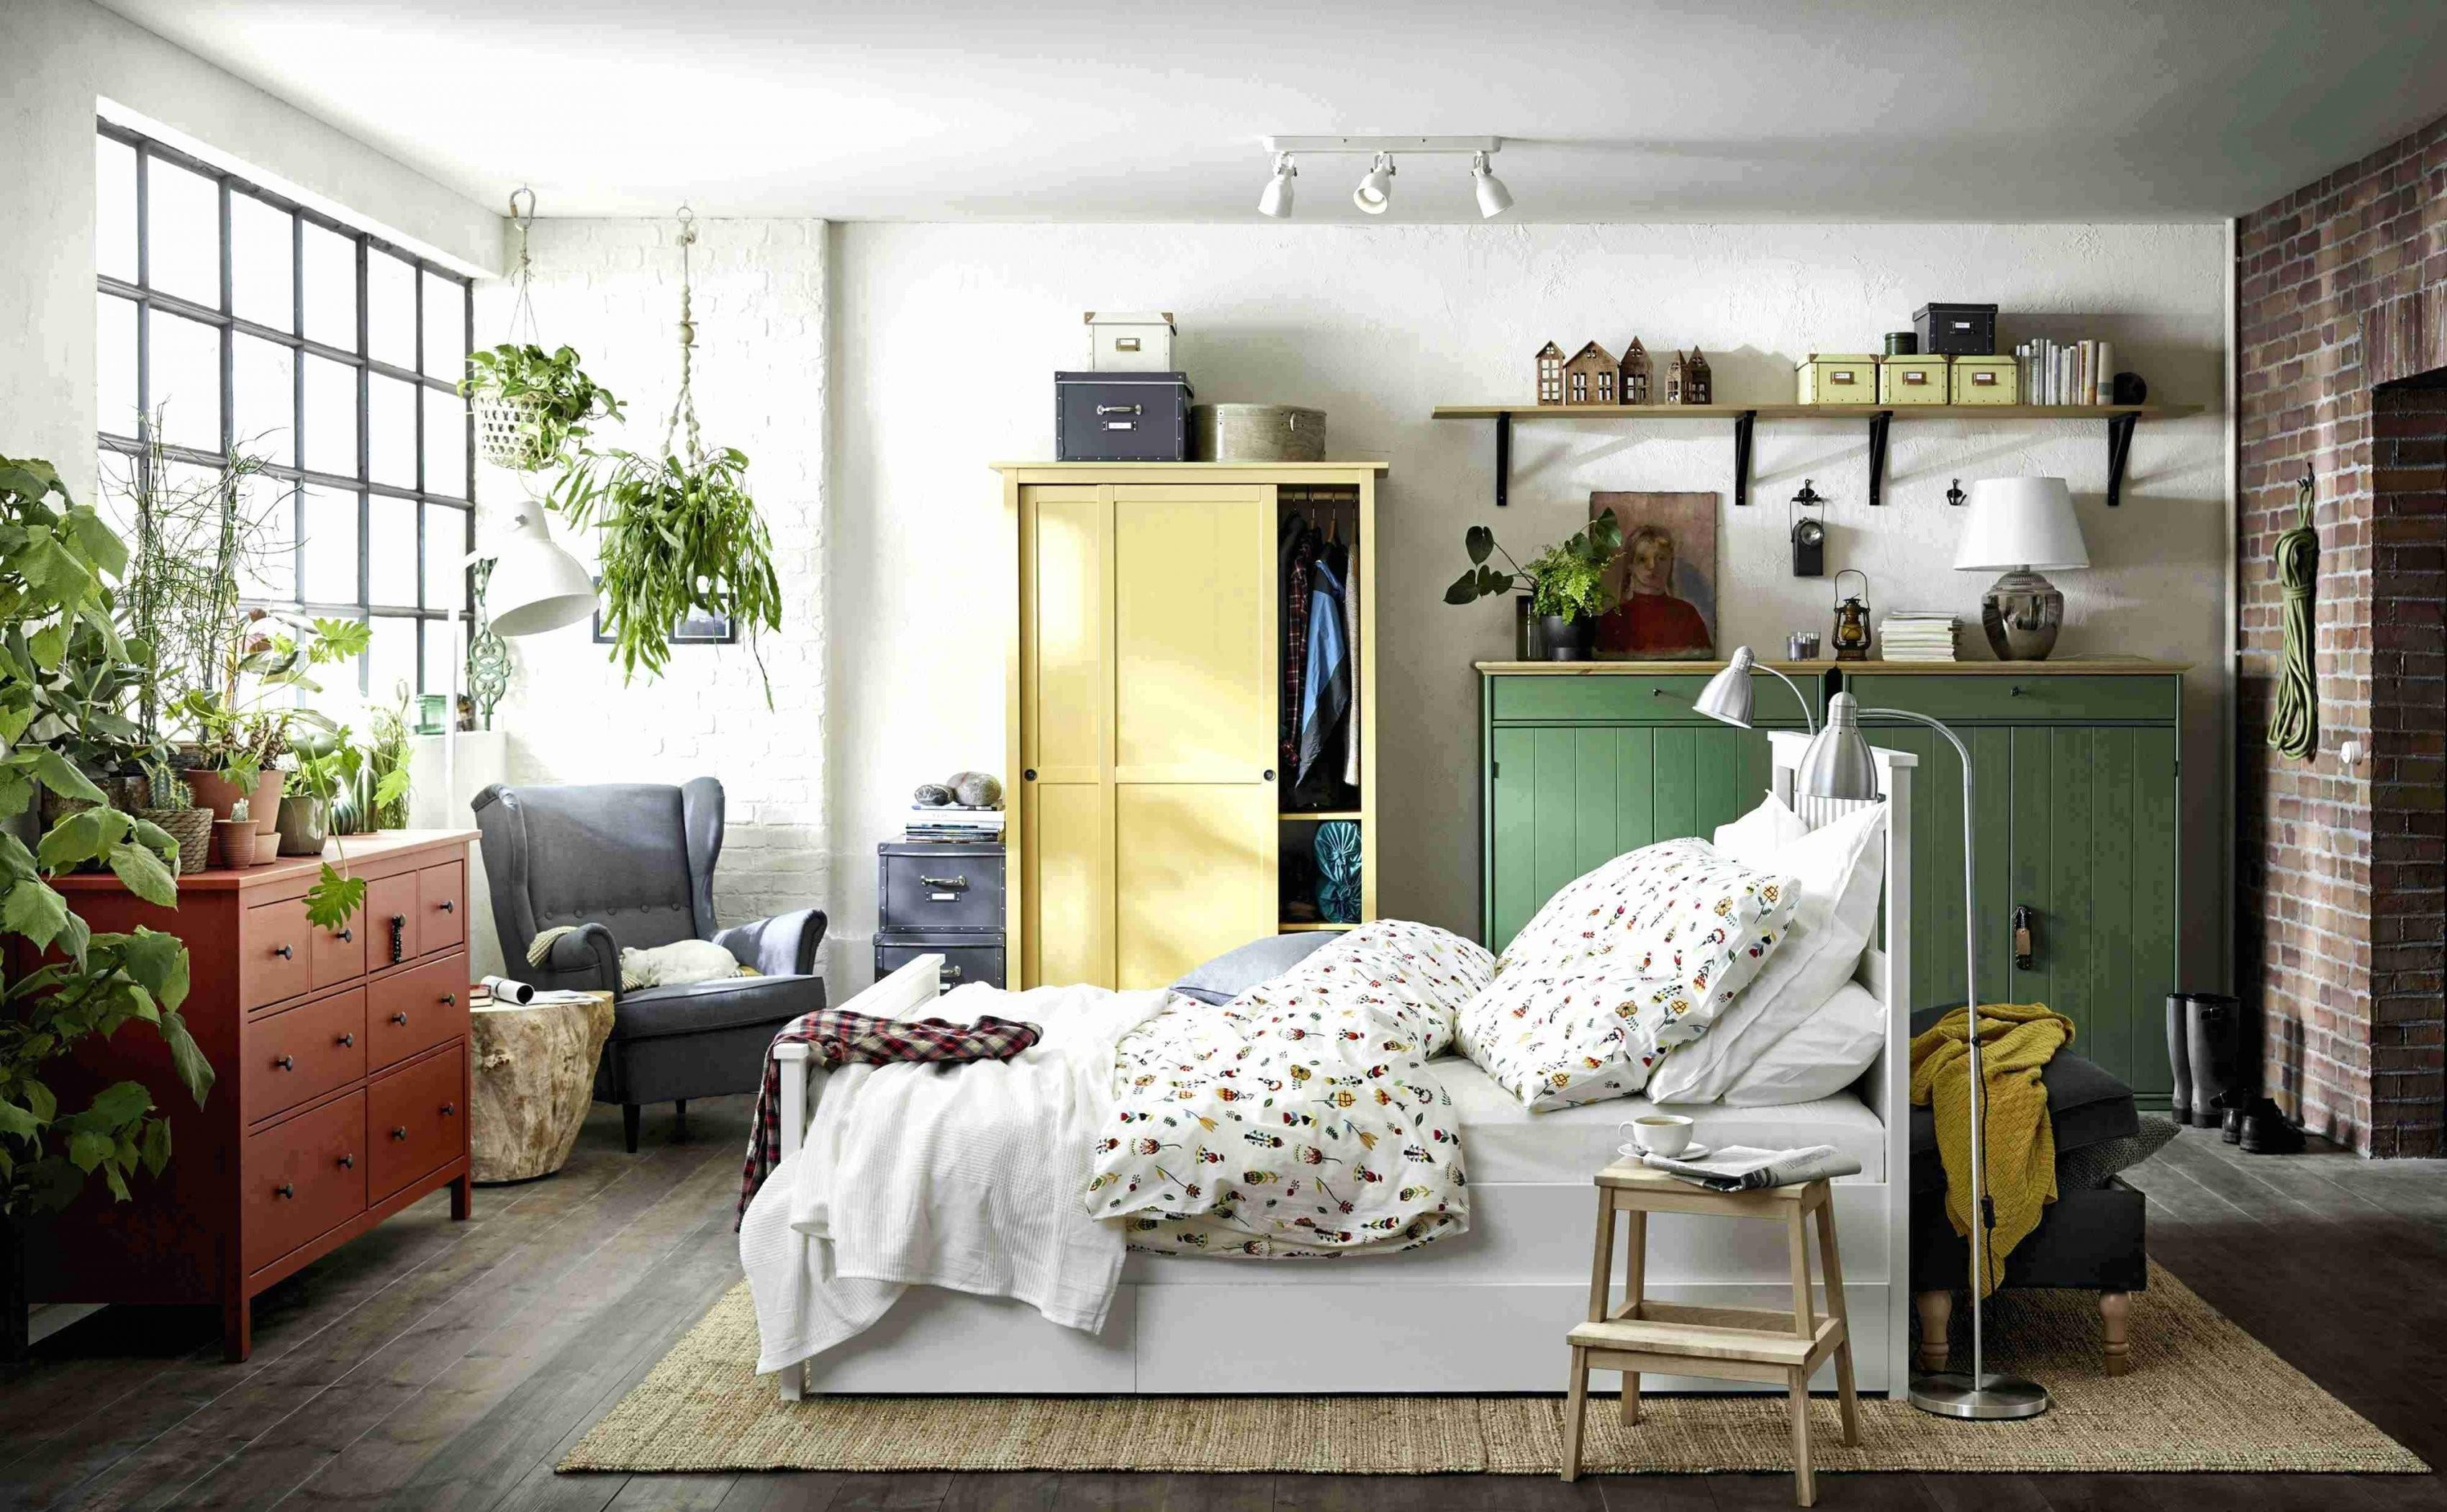 Kleines Schlafzimmer Geschickt Einrichten  Kleine Raume Einrichten von Kleine Räume Geschickt Einrichten Photo